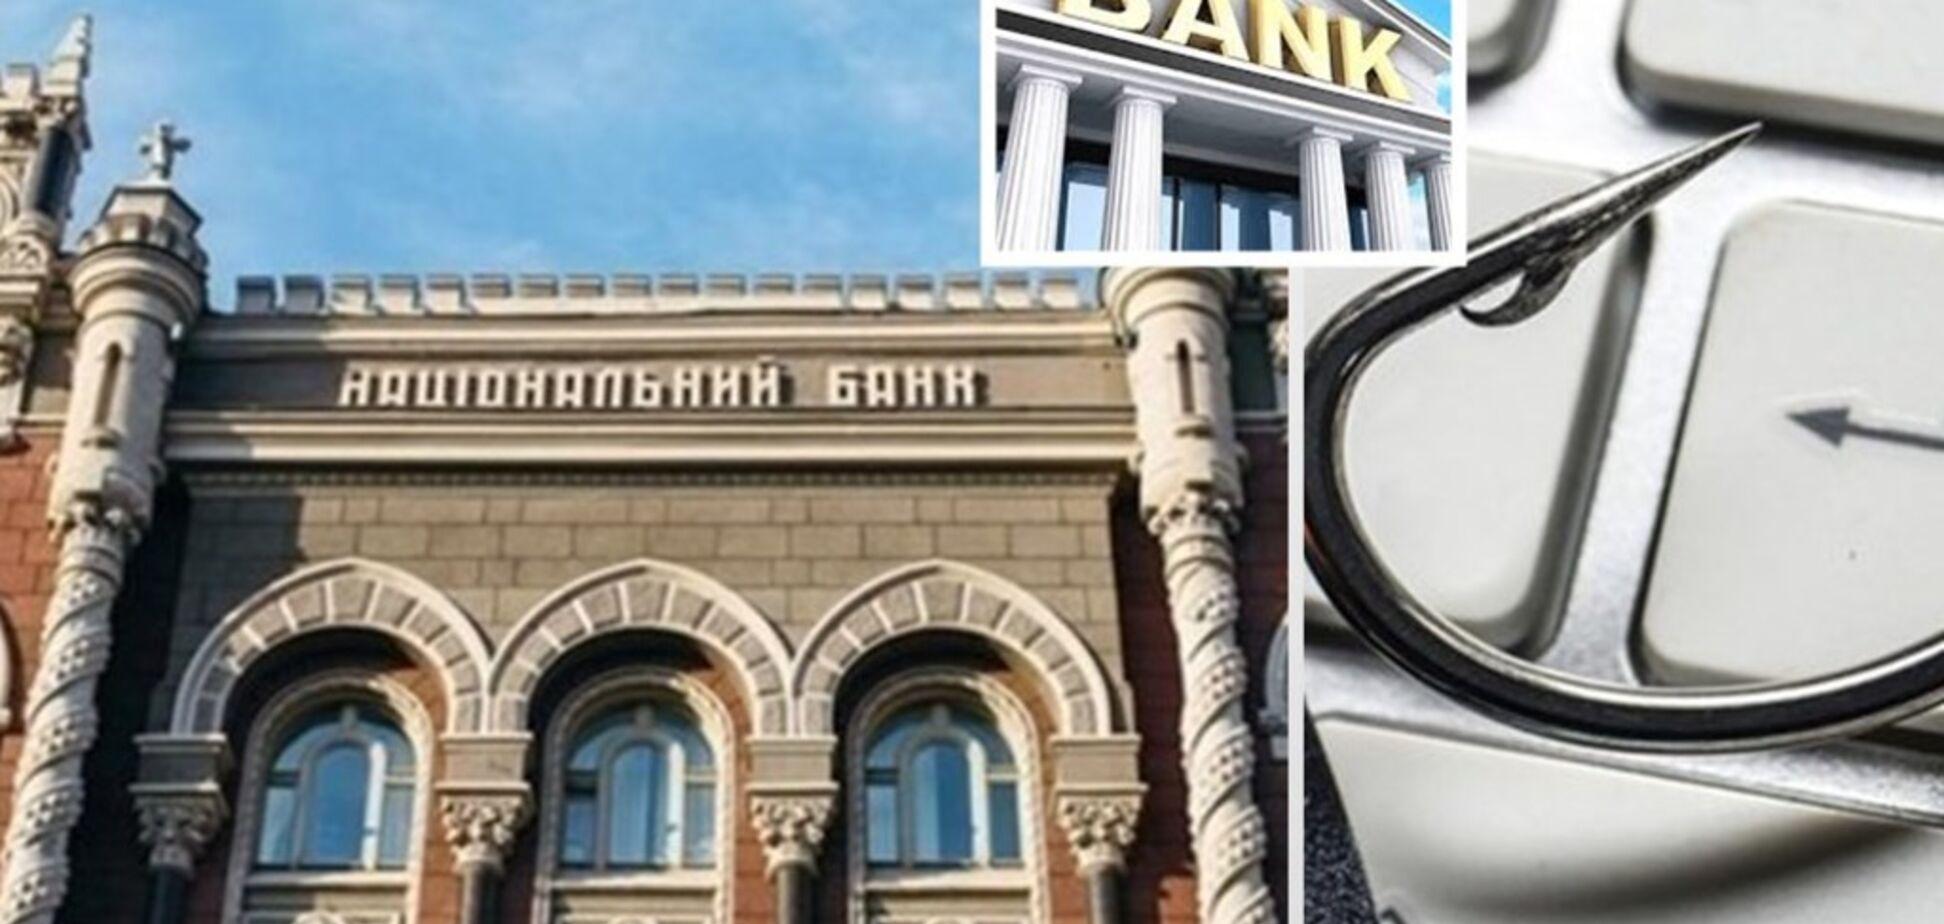 Банки в Украине. Рейтинг